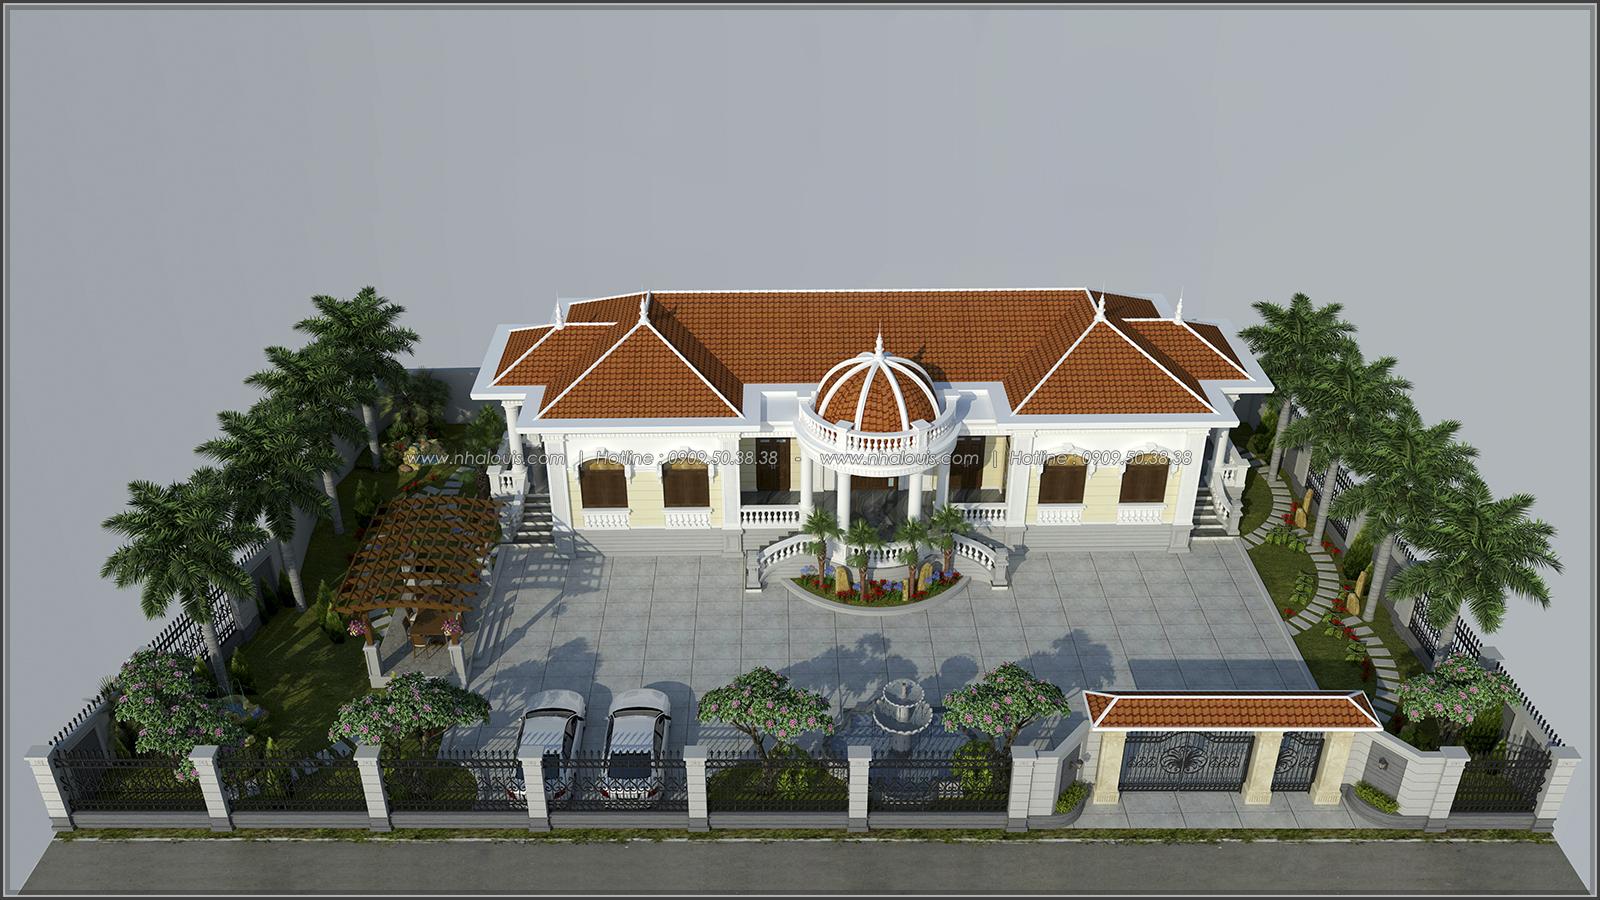 Những tiêu chí cần có để thiết kế kiến trúc và xây dựng nhà đẹp - 01